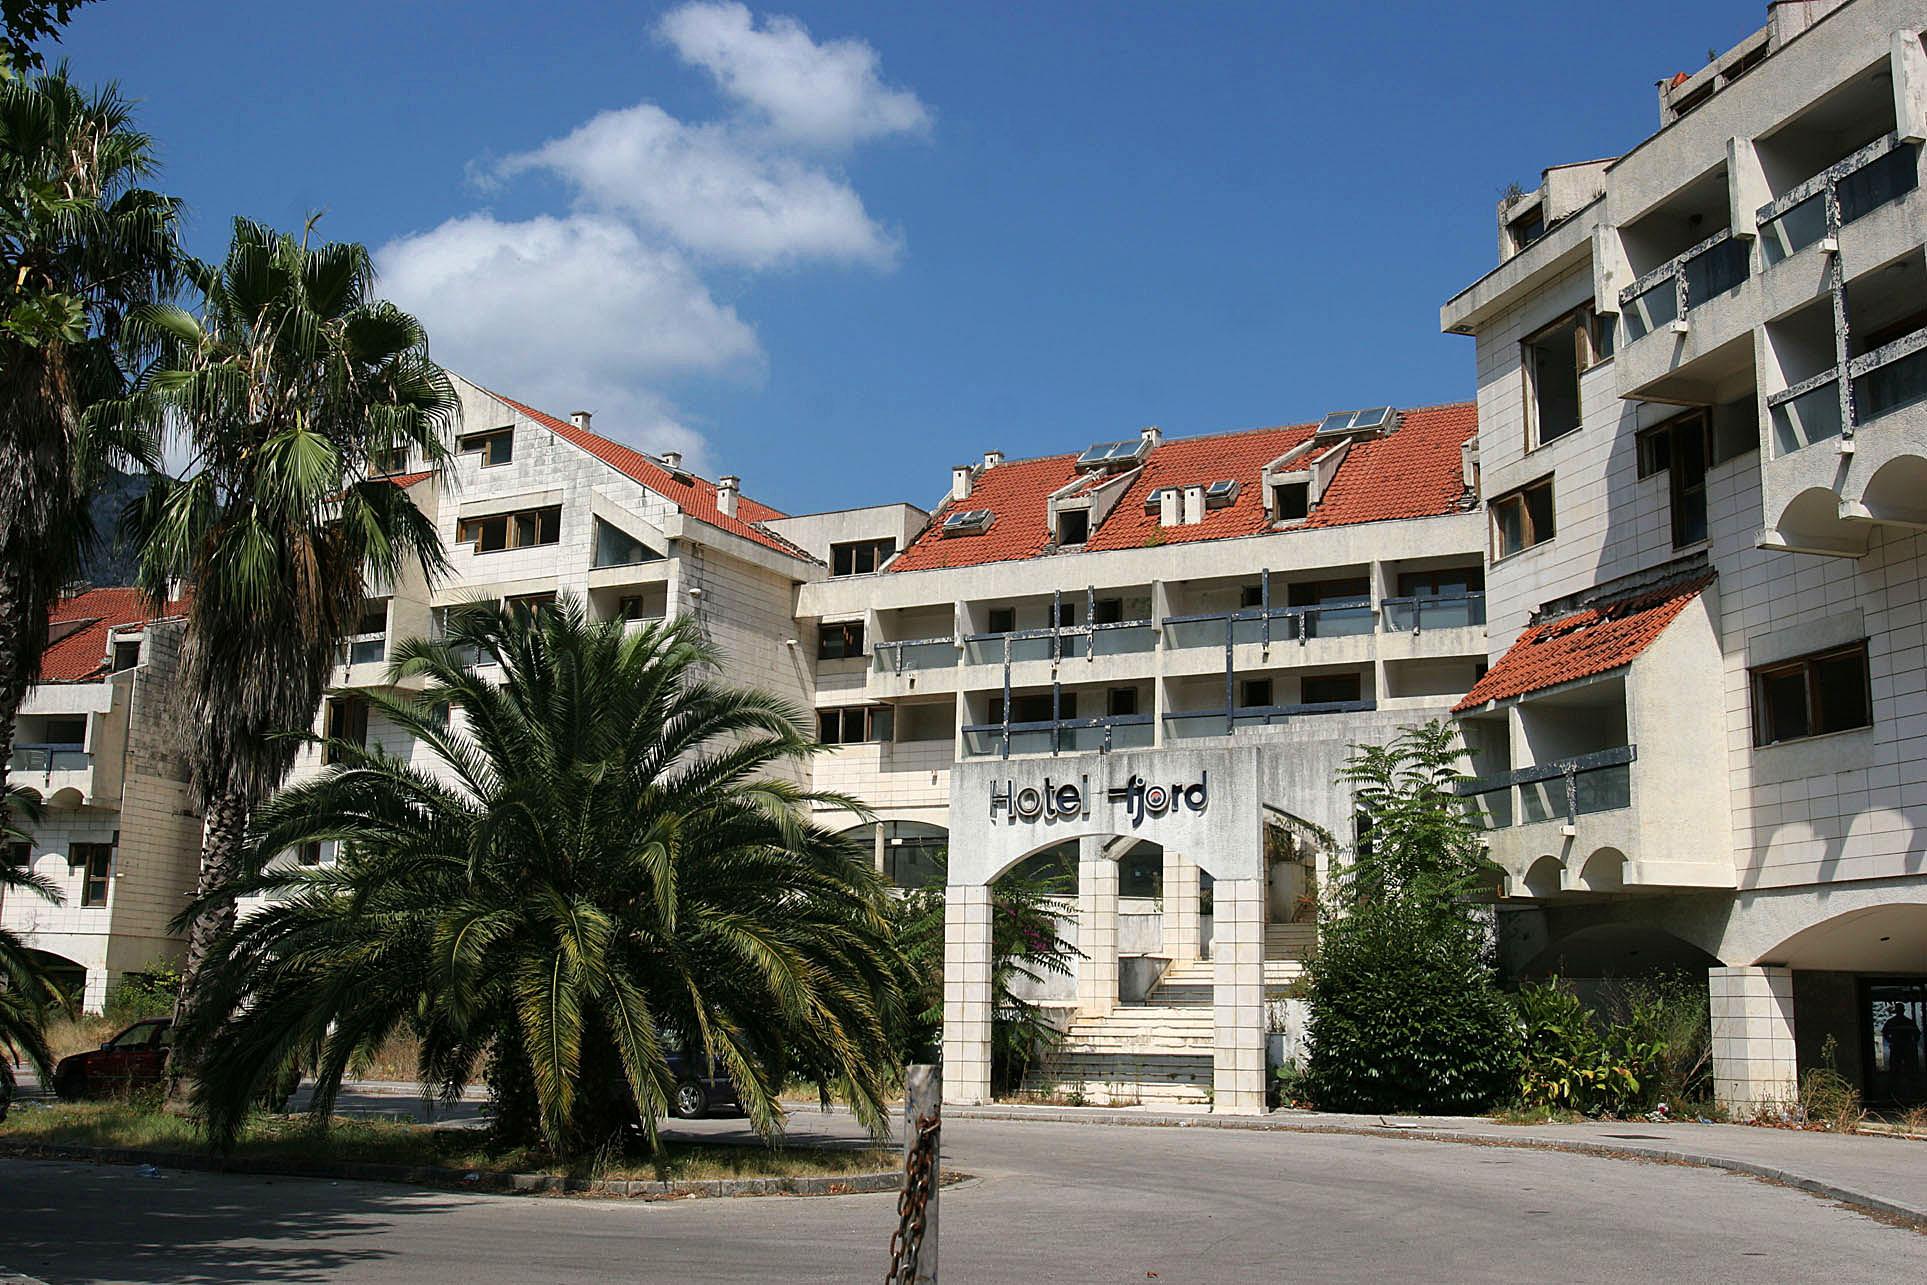 Hotel fjord kotor montenegro for Boutique hotel kotor